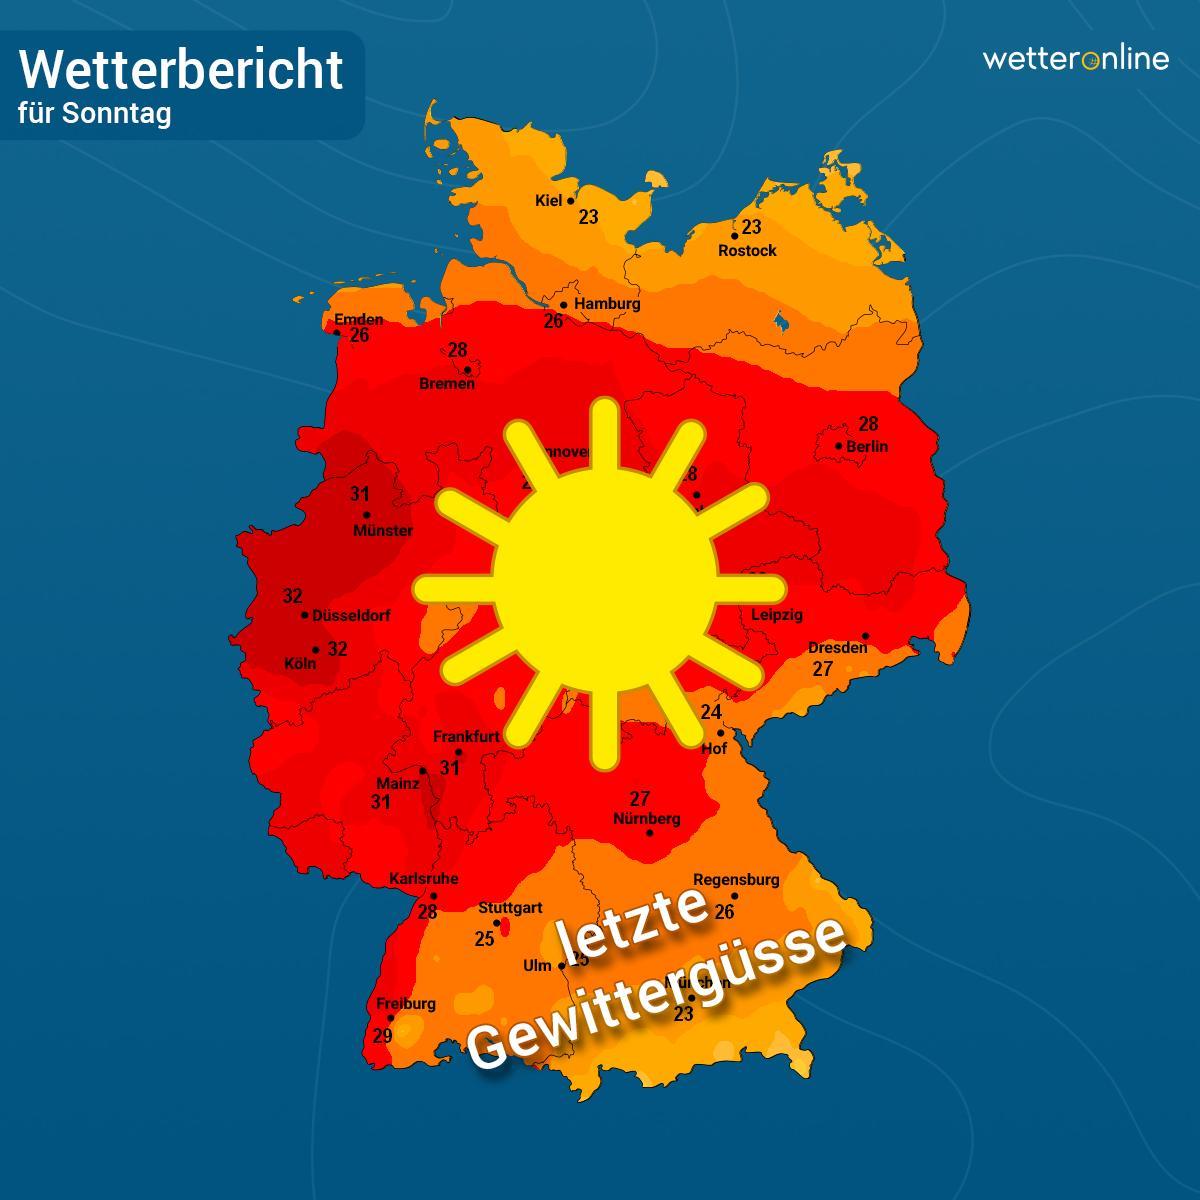 Biowetter nürnberg